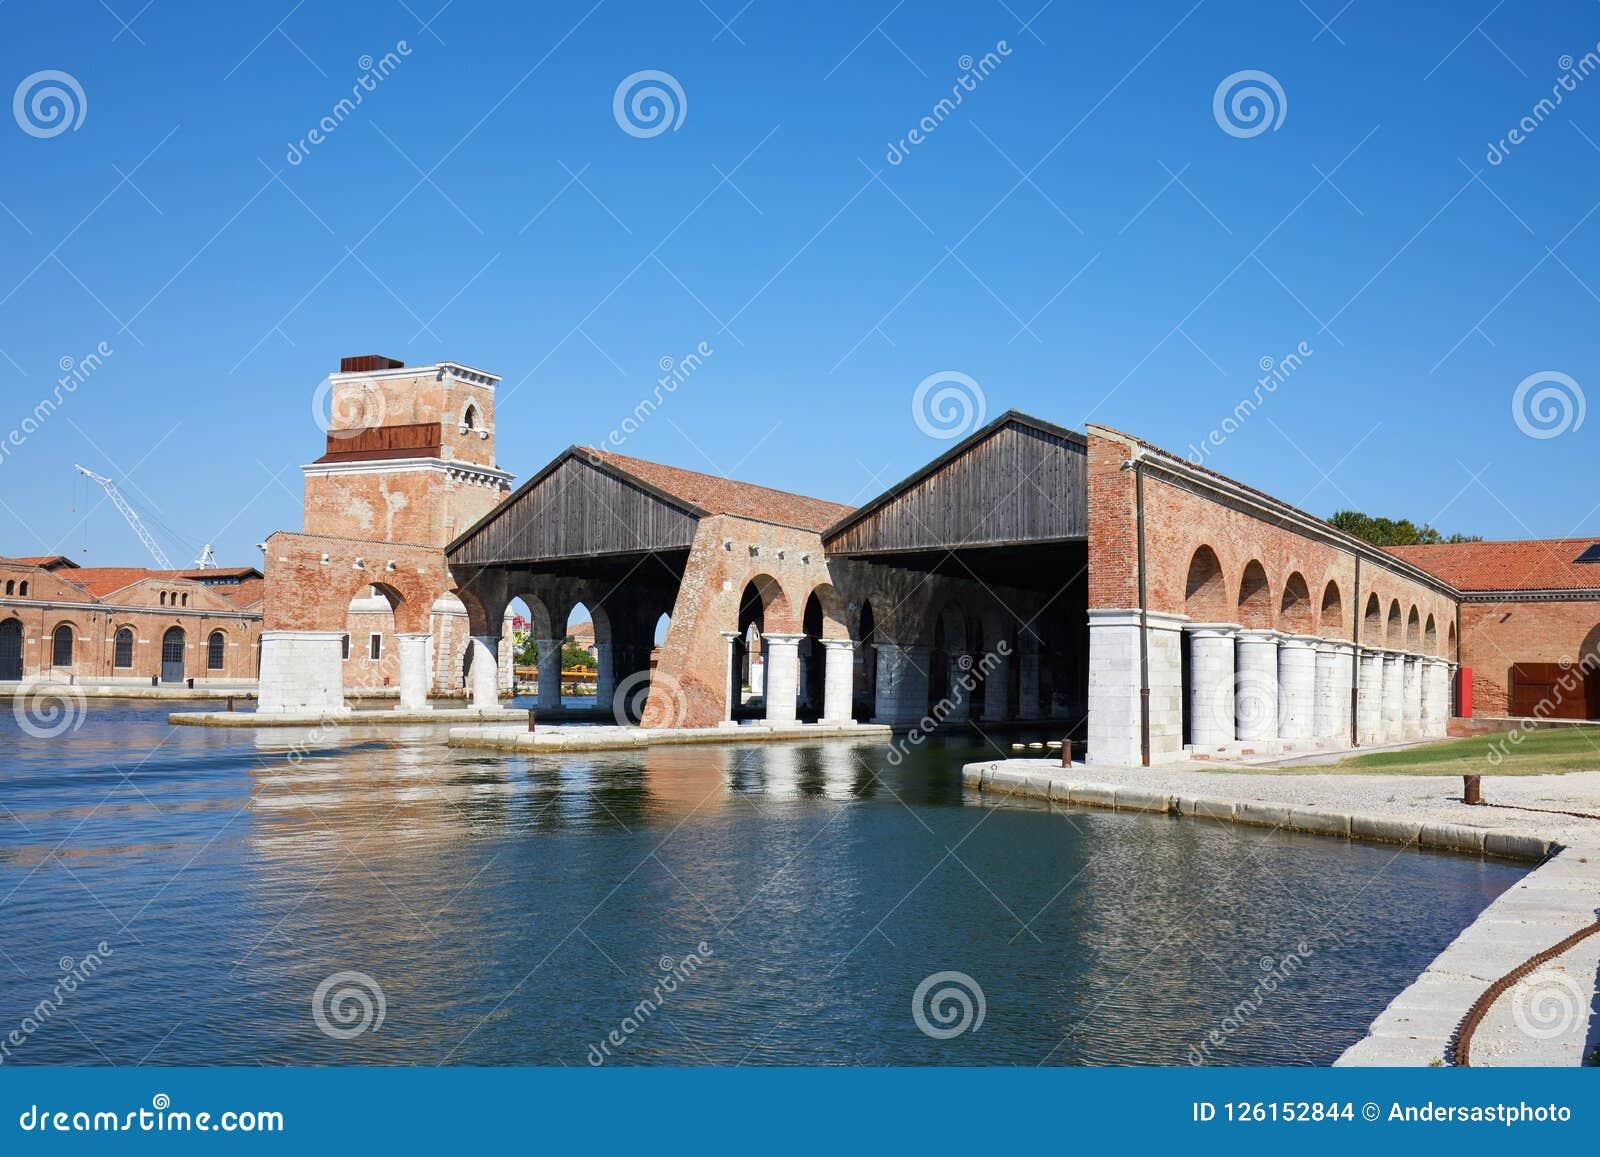 Arsenal veneciano con los muelles, canal y arcada, cielo azul en Venecia, Italia